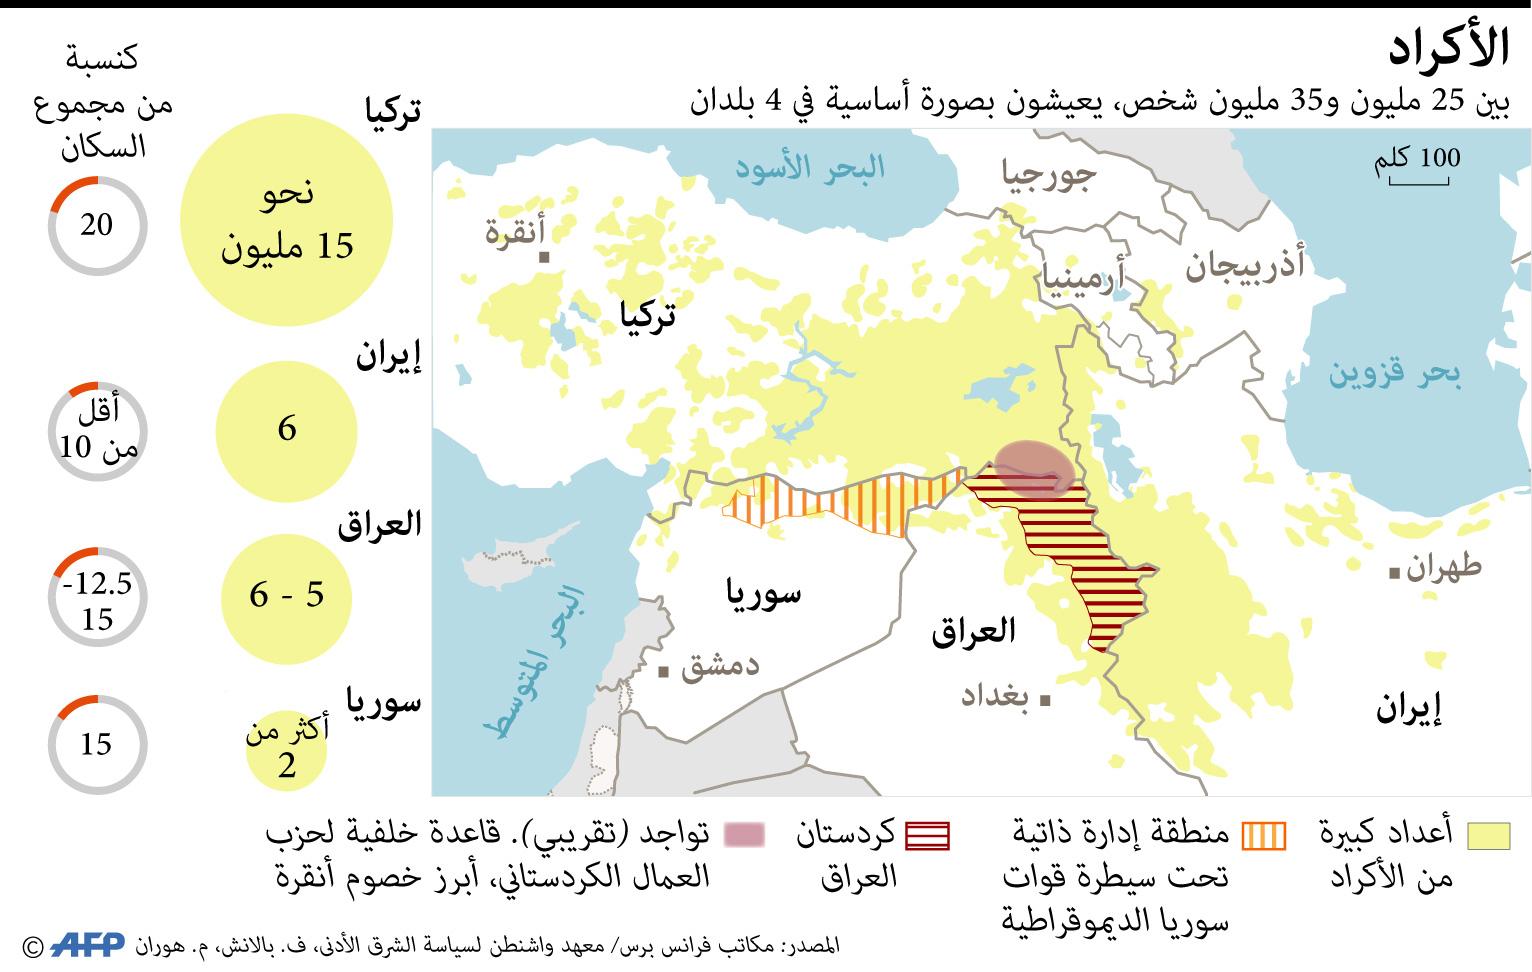 أقلية في خمس دول تاريخ الأكراد الحرة